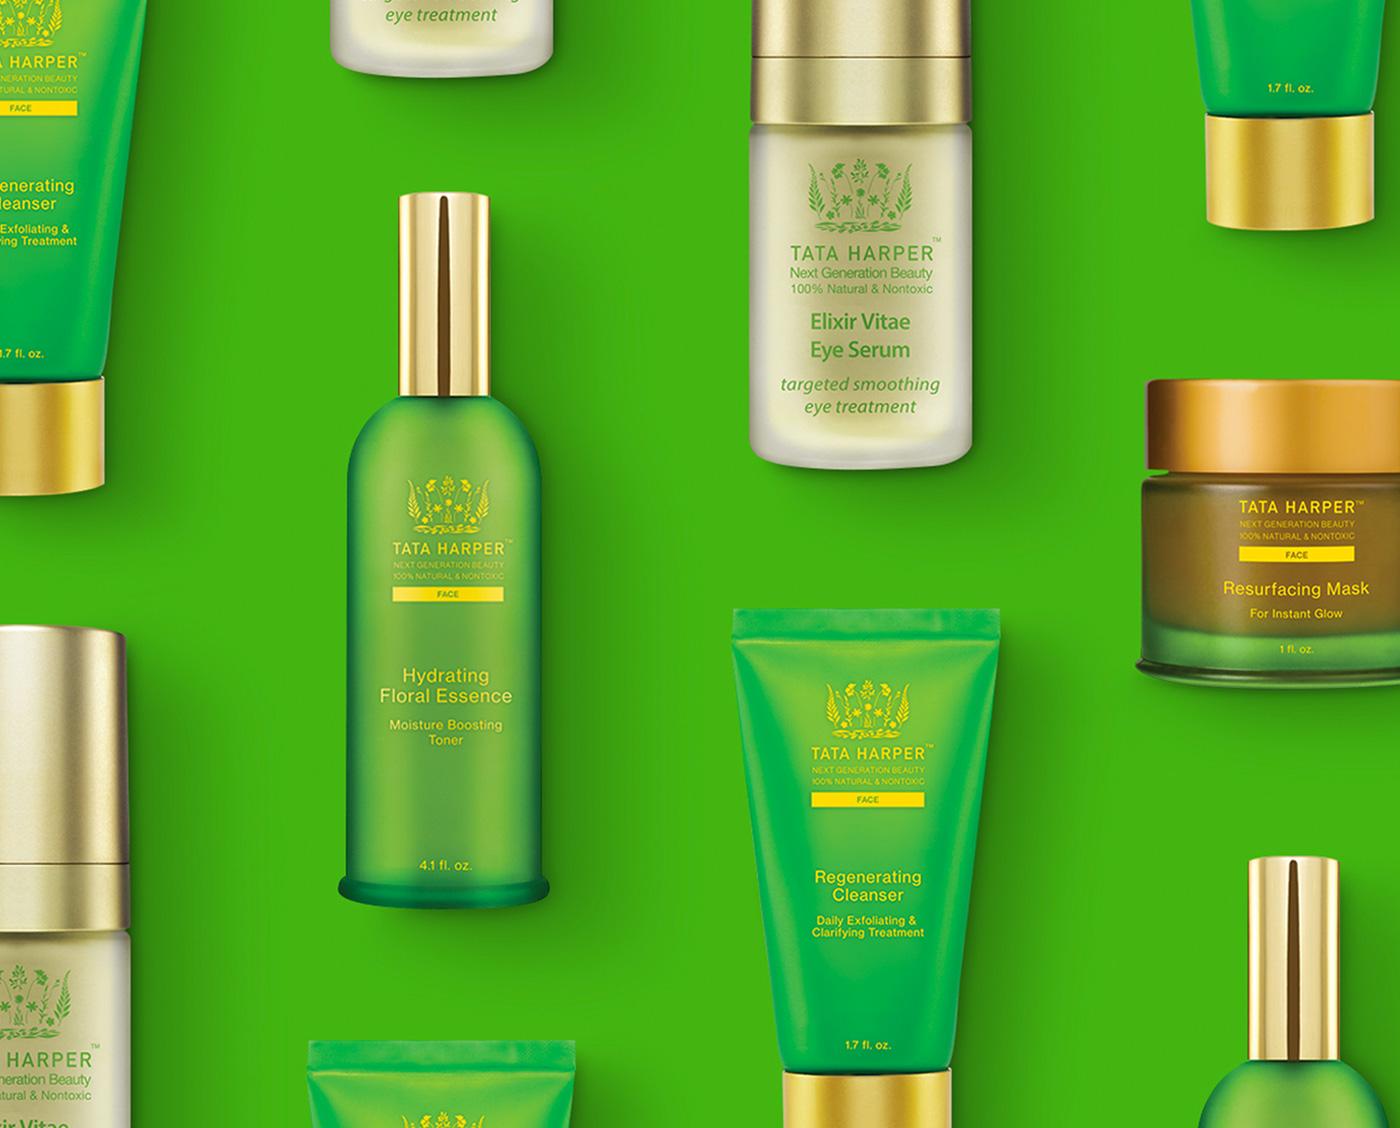 Tata Harper Product Packaging